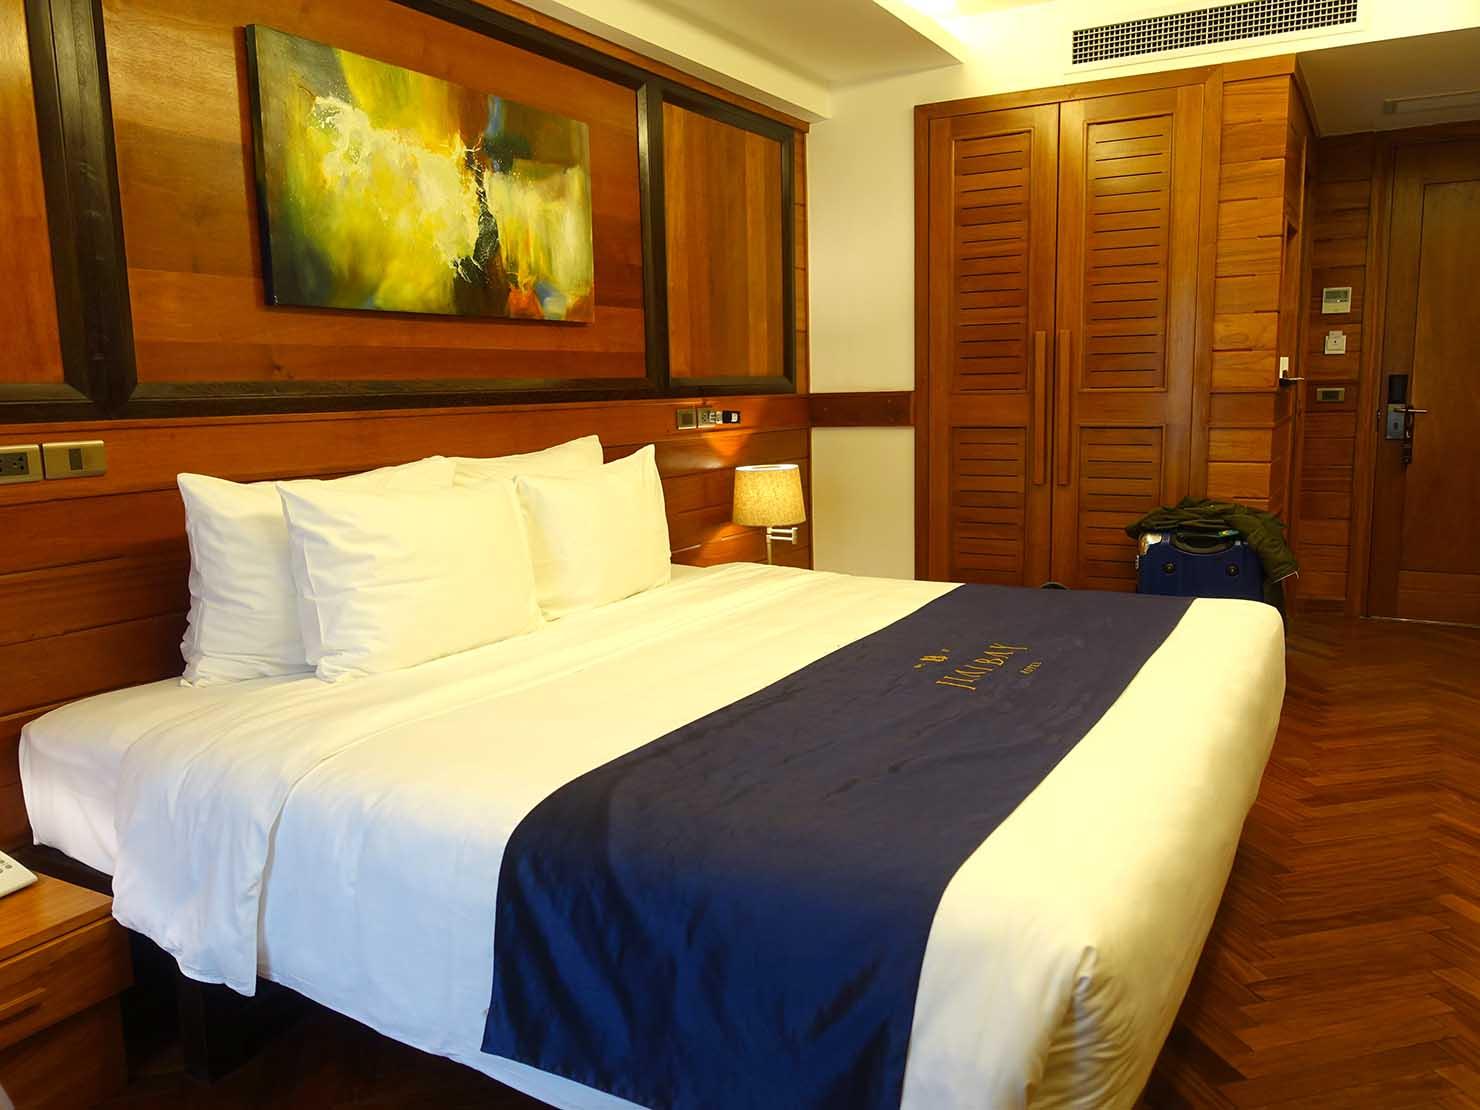 ハノイ旧市街ど真ん中の観光に便利なおすすめホテル「Hai Bay Hotel」窓側から見たエグゼクティブ・ダブルルーム